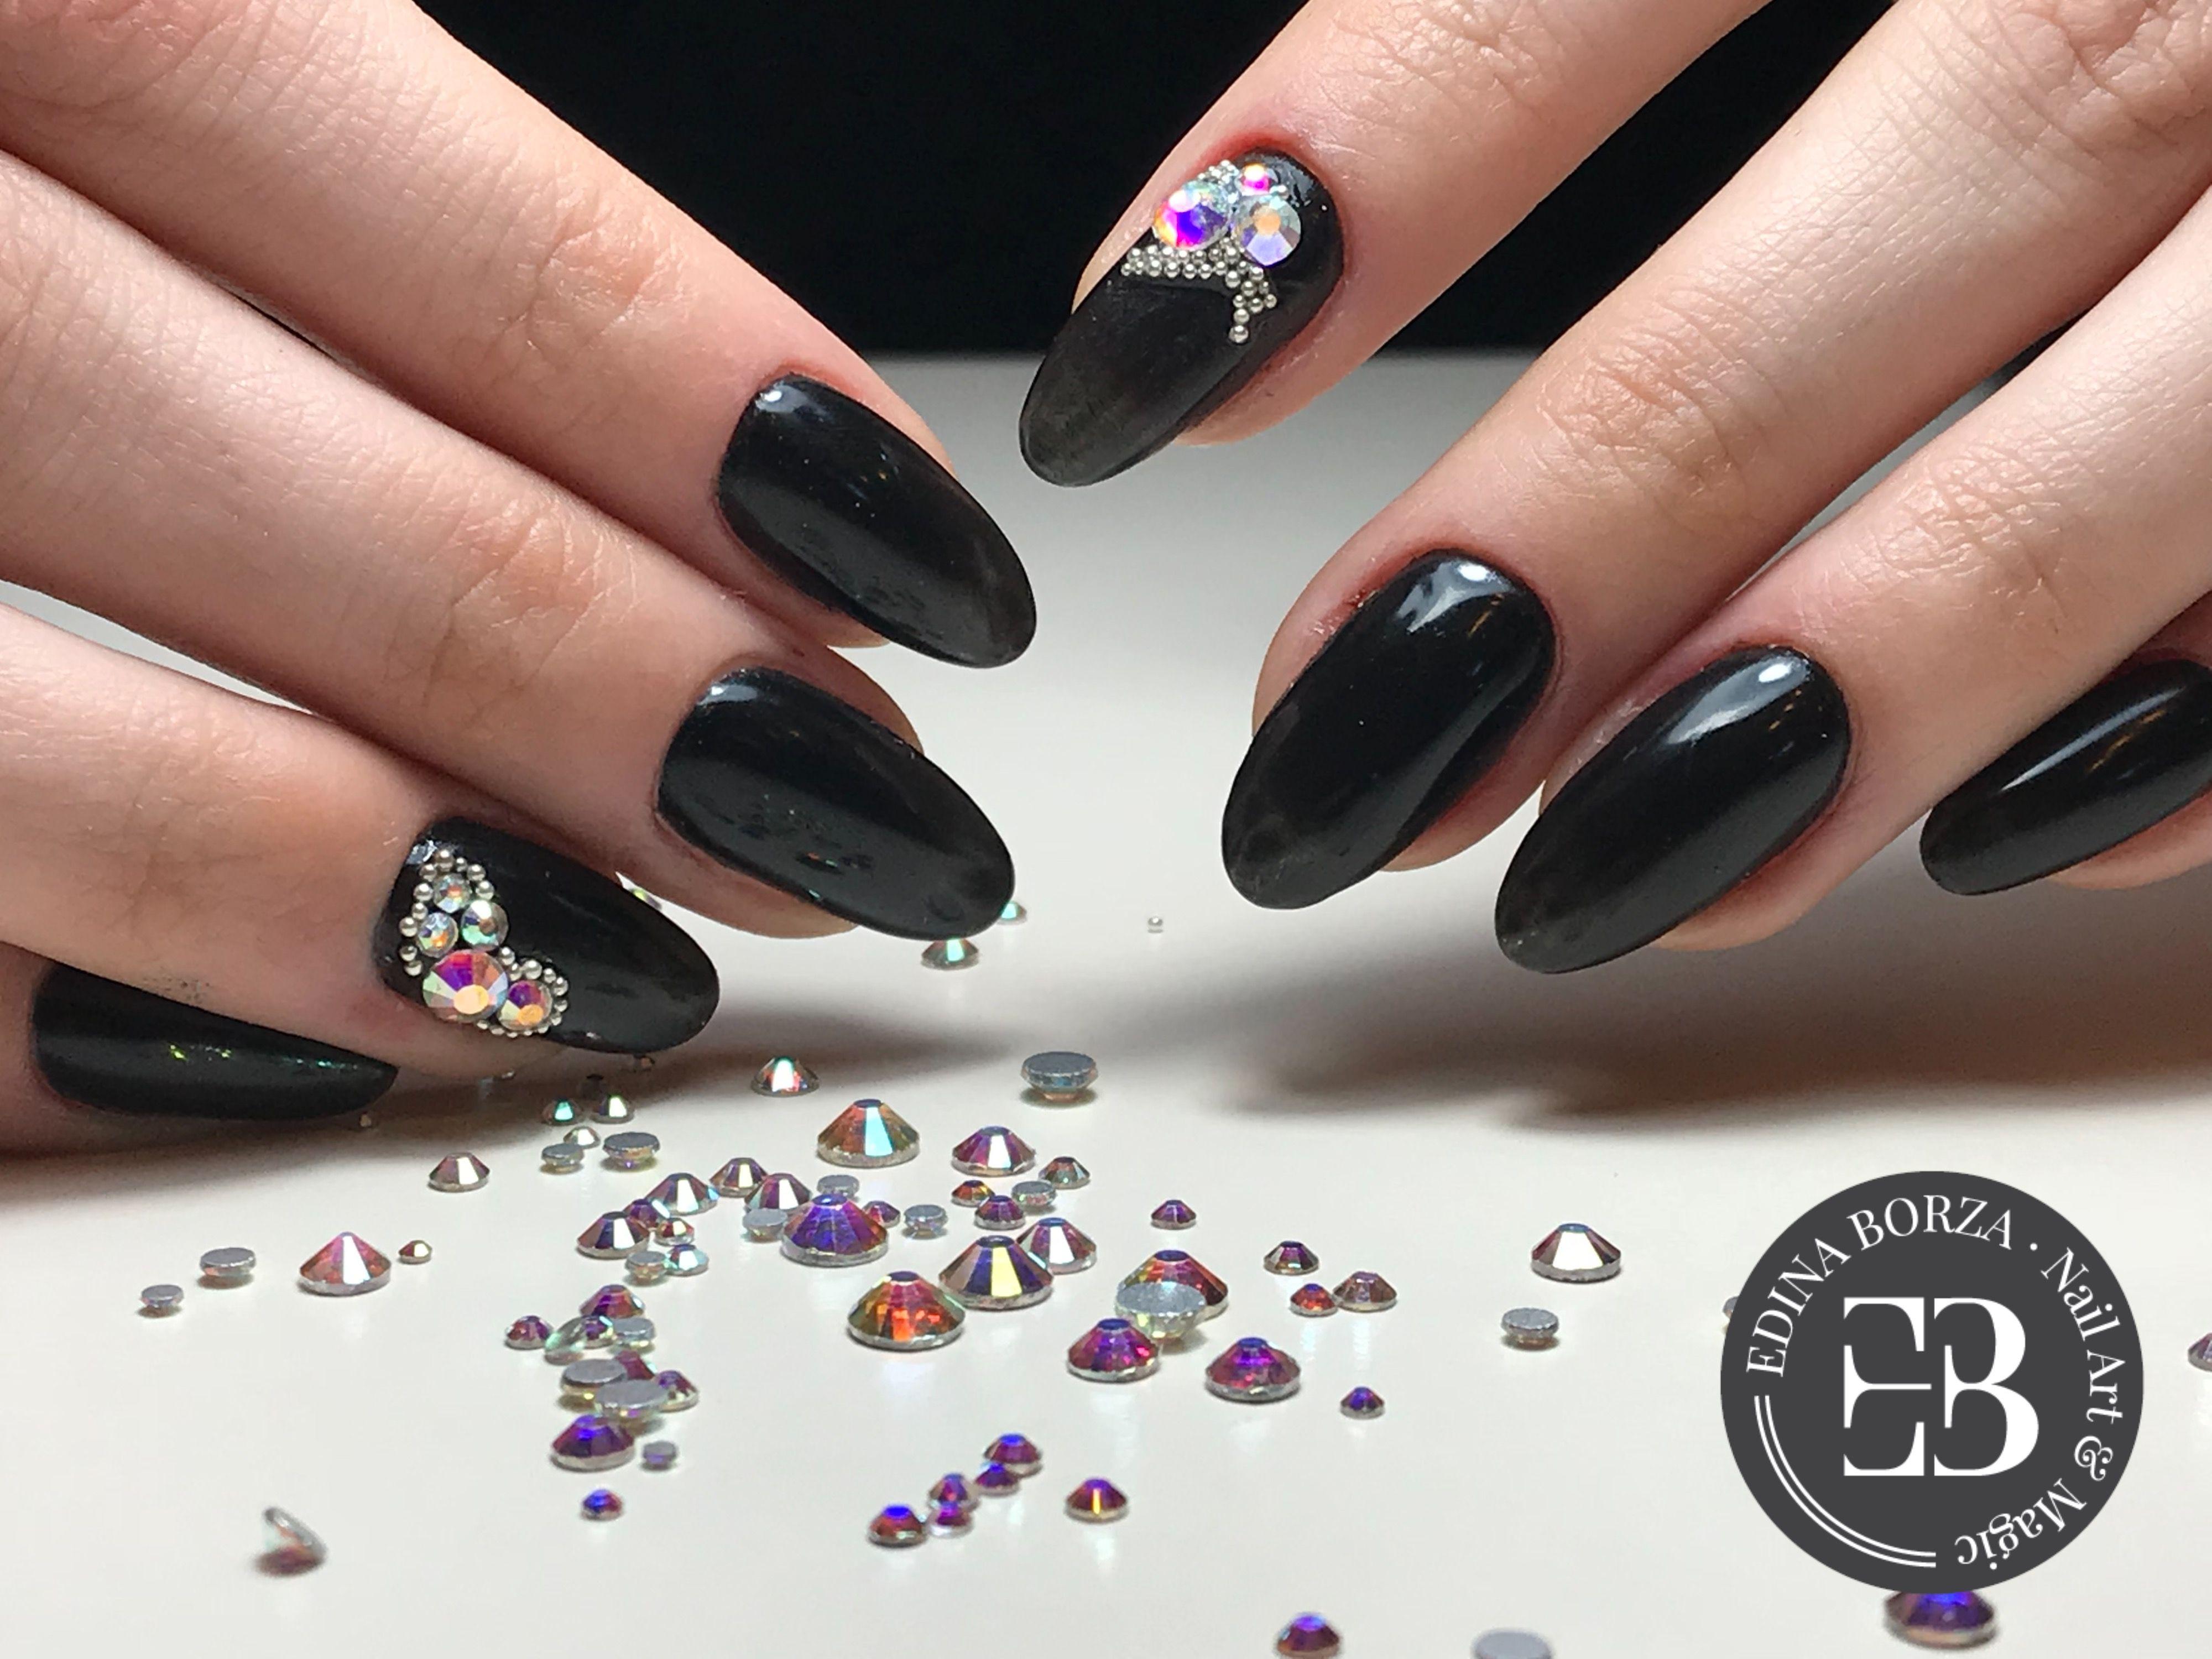 Contemporary Nail Images Edina Images - Nail Paint Ideas ...